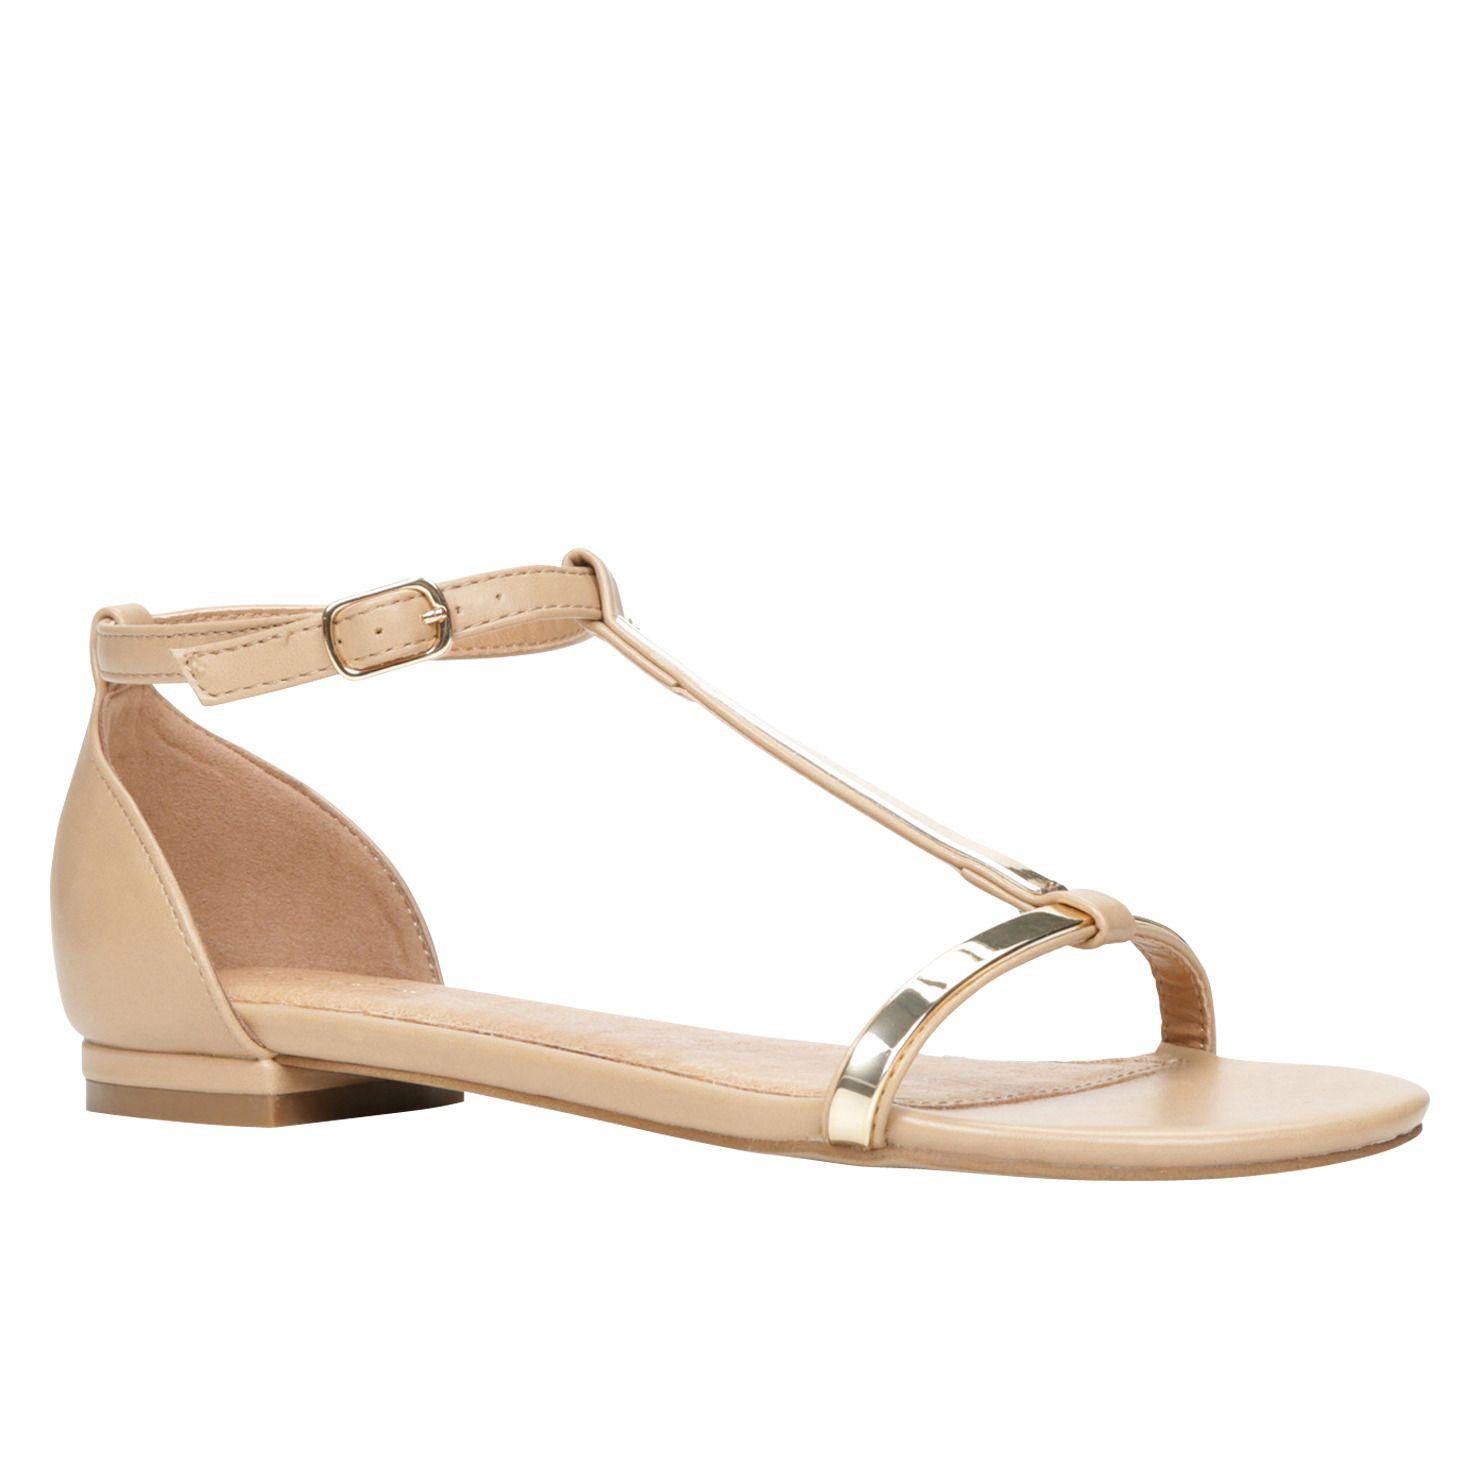 aldo shoes women flats beige